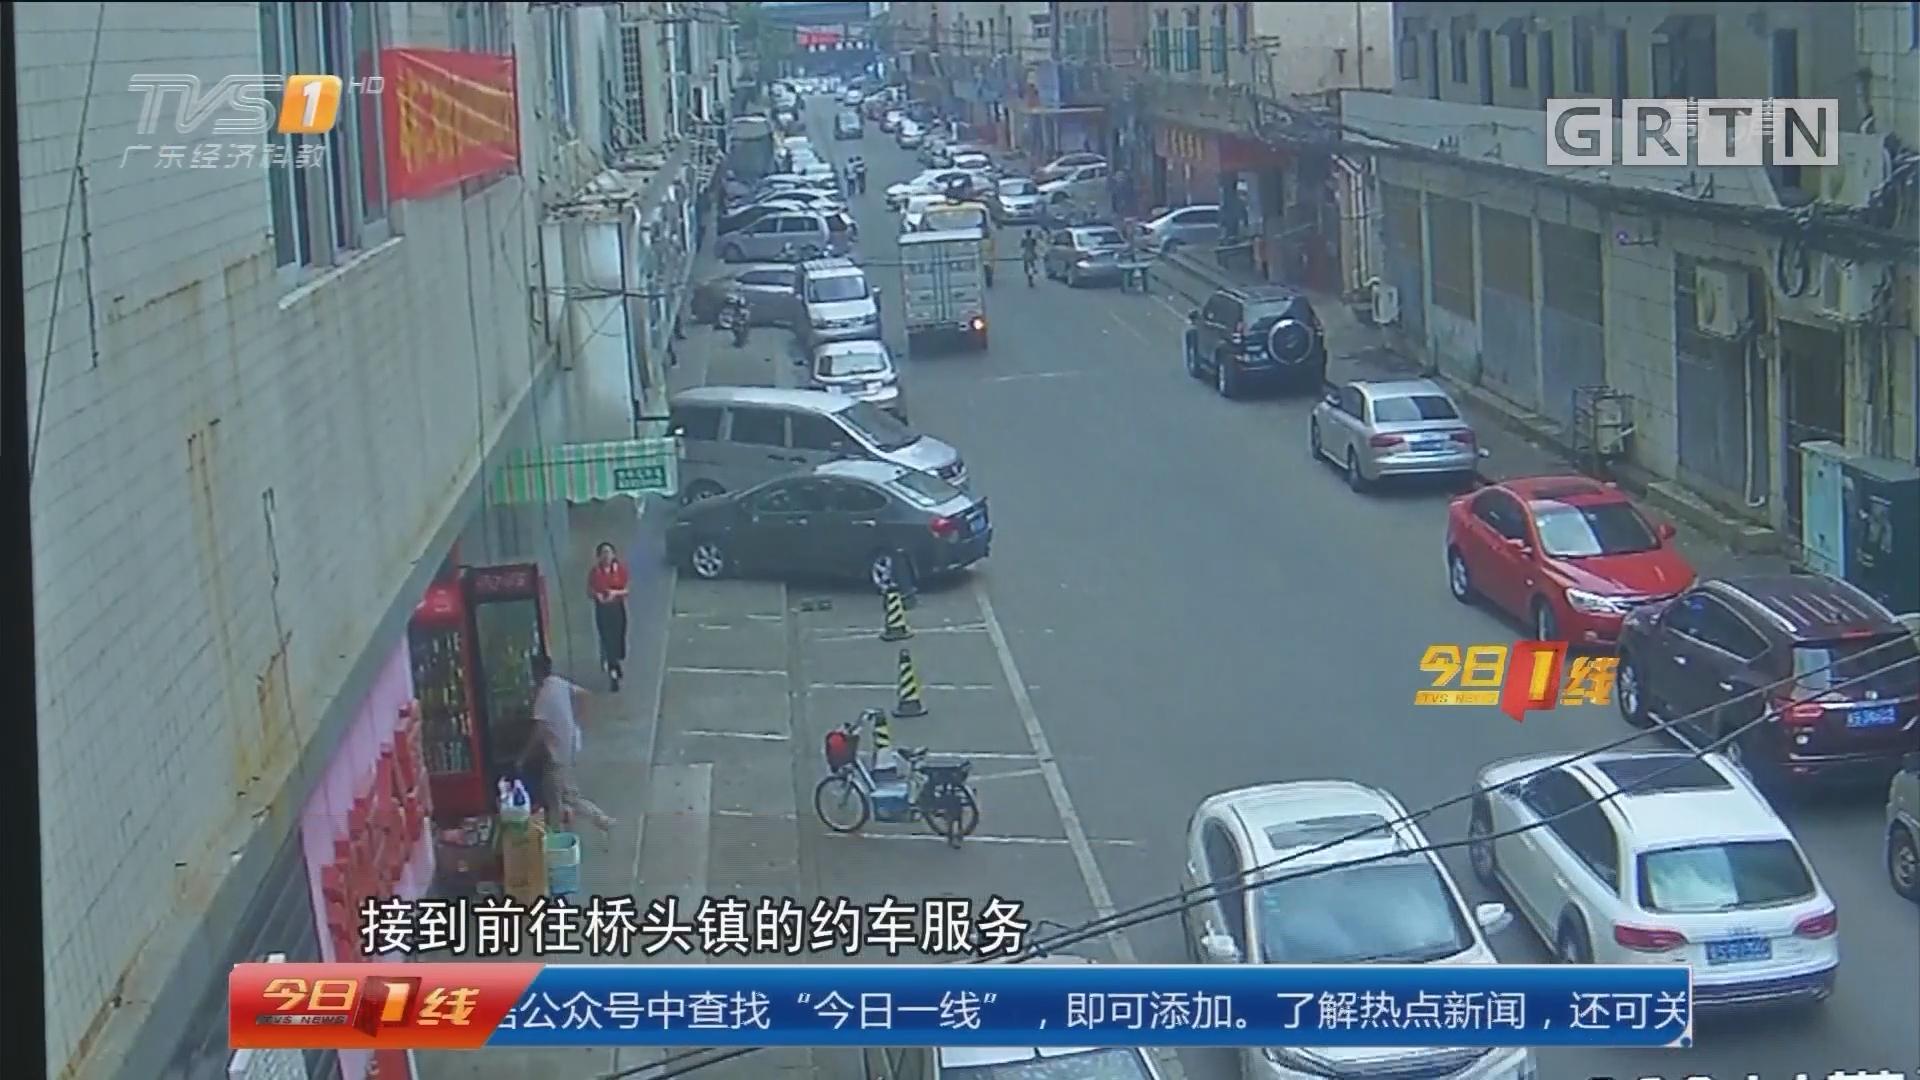 东莞常平:警方破新型碰瓷诈骗案 6人落网